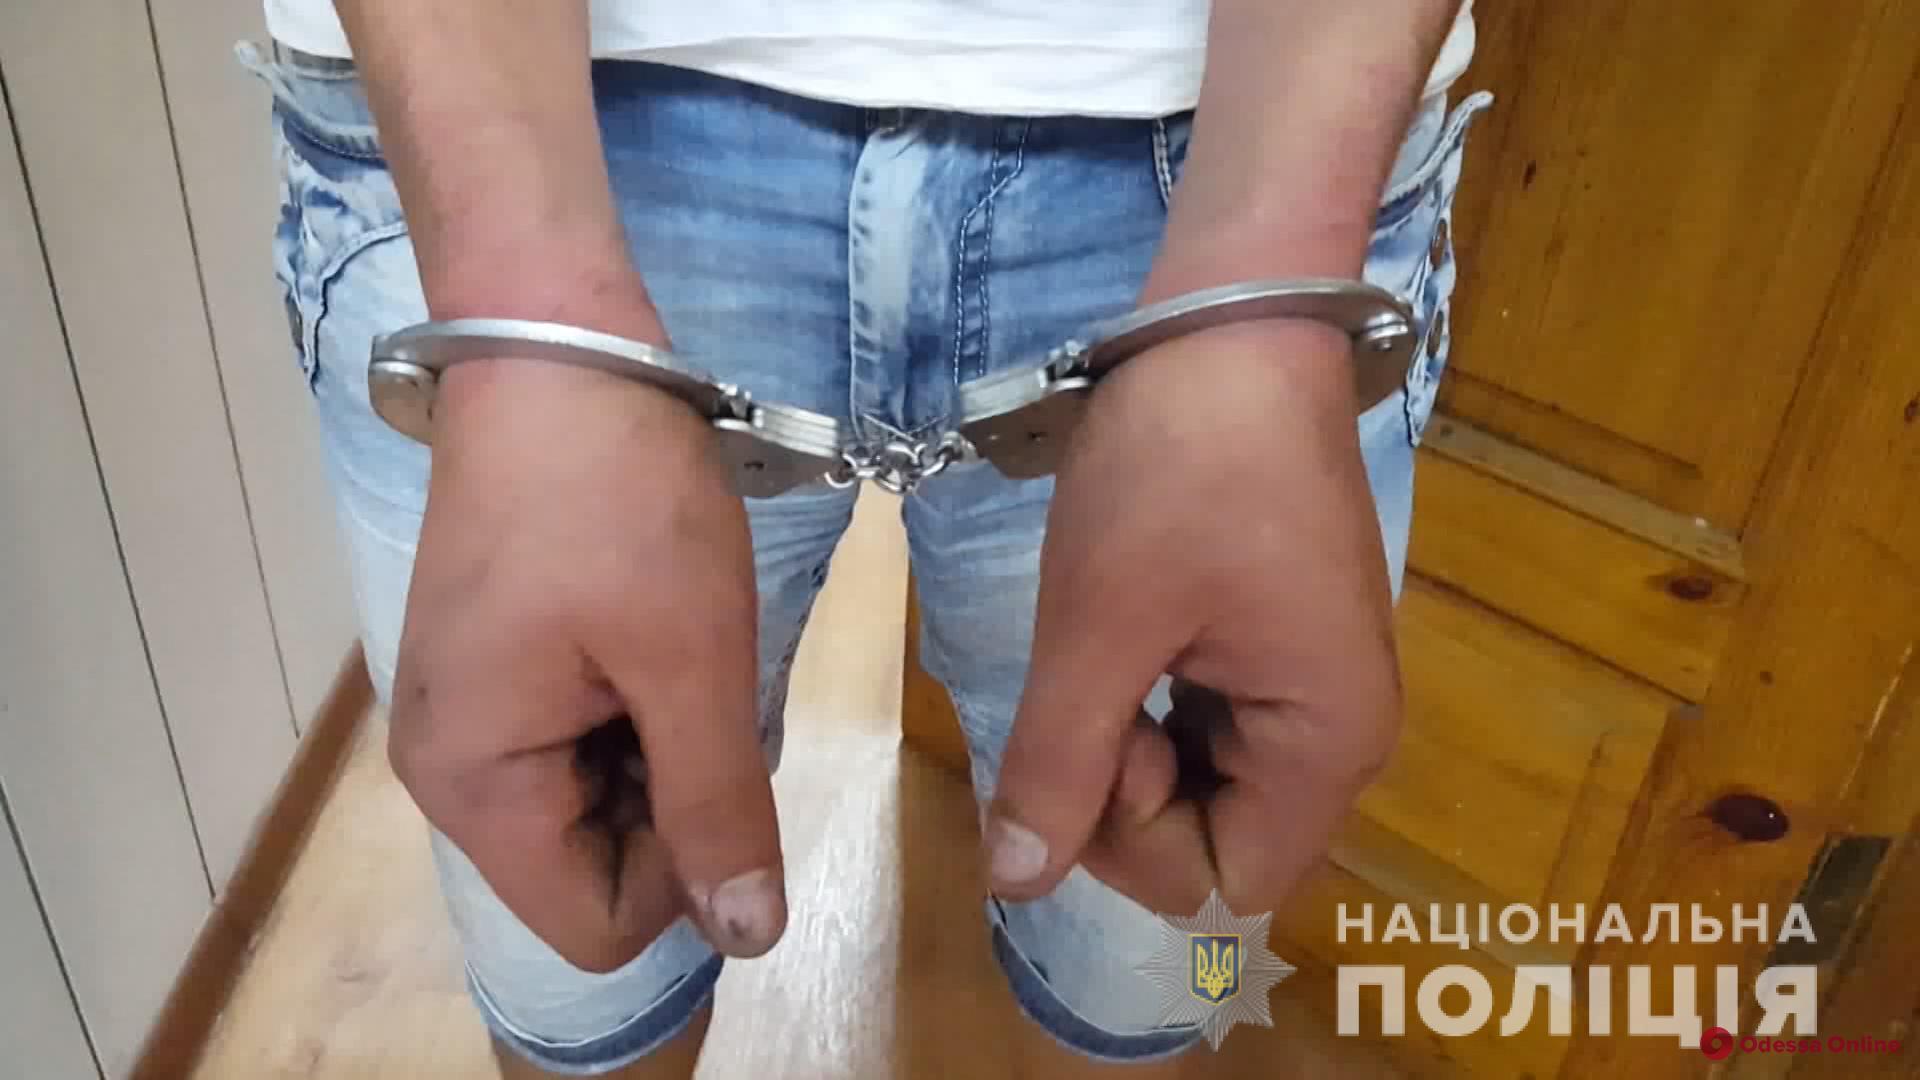 В Одессе вооруженные разбойники в балаклавах напали на развлекательное заведение